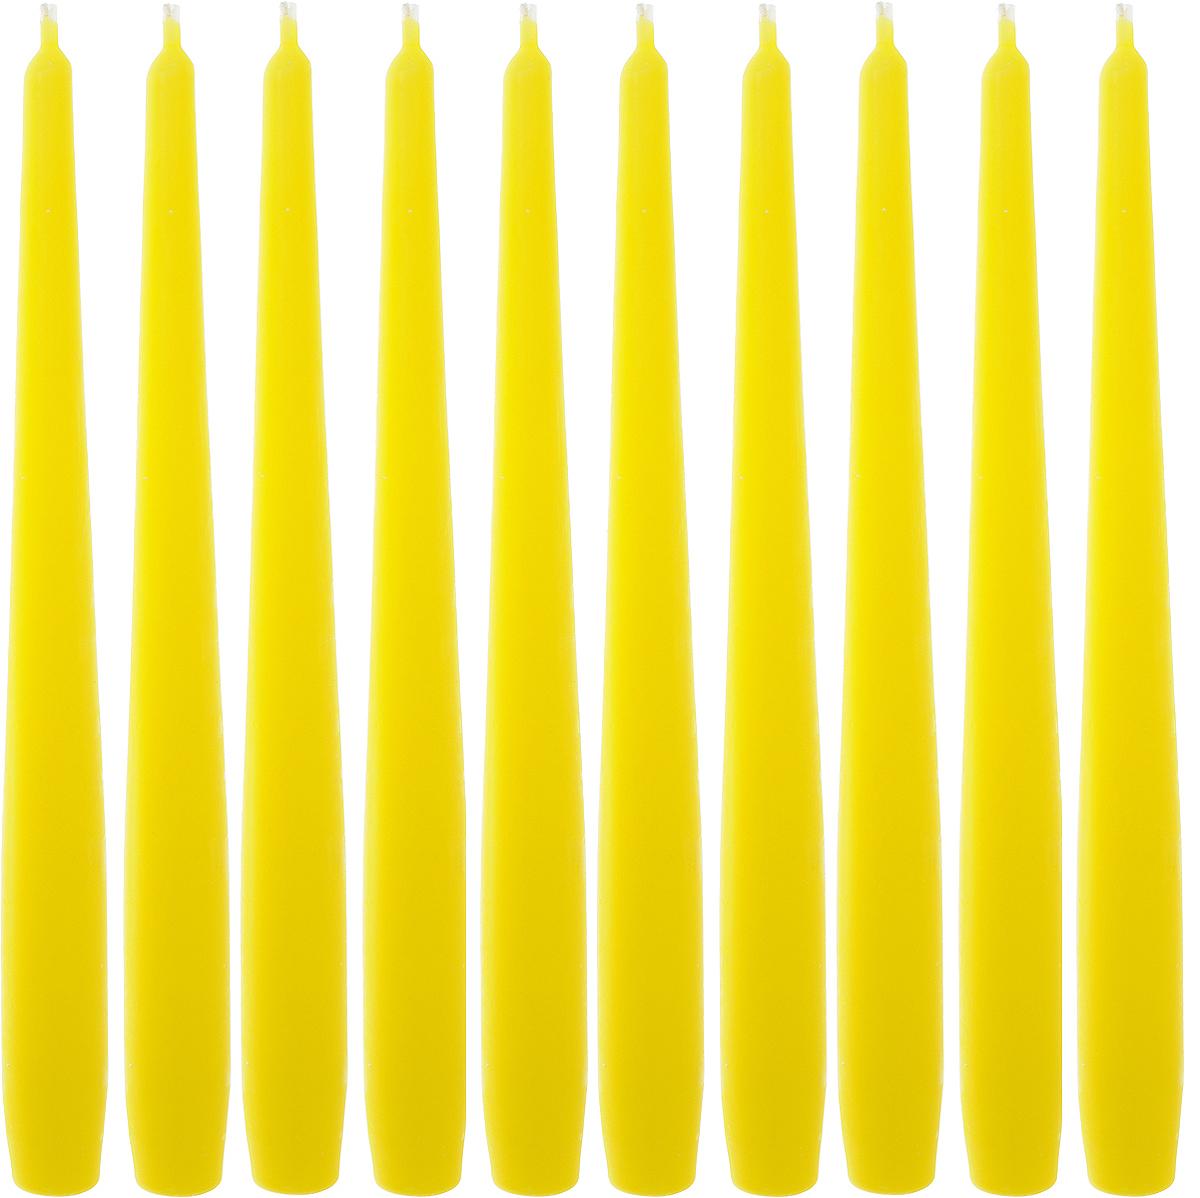 Набор свечей Омский cвечной завод, цвет: желтый, высота 24 см, 10 шт331116,001904Набор Омский cвечной завод состоит из 10 свечей, изготовленных из парафина и хлопчатобумажной нити. Такие свечи создадут атмосферу таинственности и загадочности и наполнят ваш дом волшебством и ощущением праздника. Хороший сувенир для друзей и близких. Примерное время горения: 7 часов. Высота: 24 см. Диаметр: 2 см.